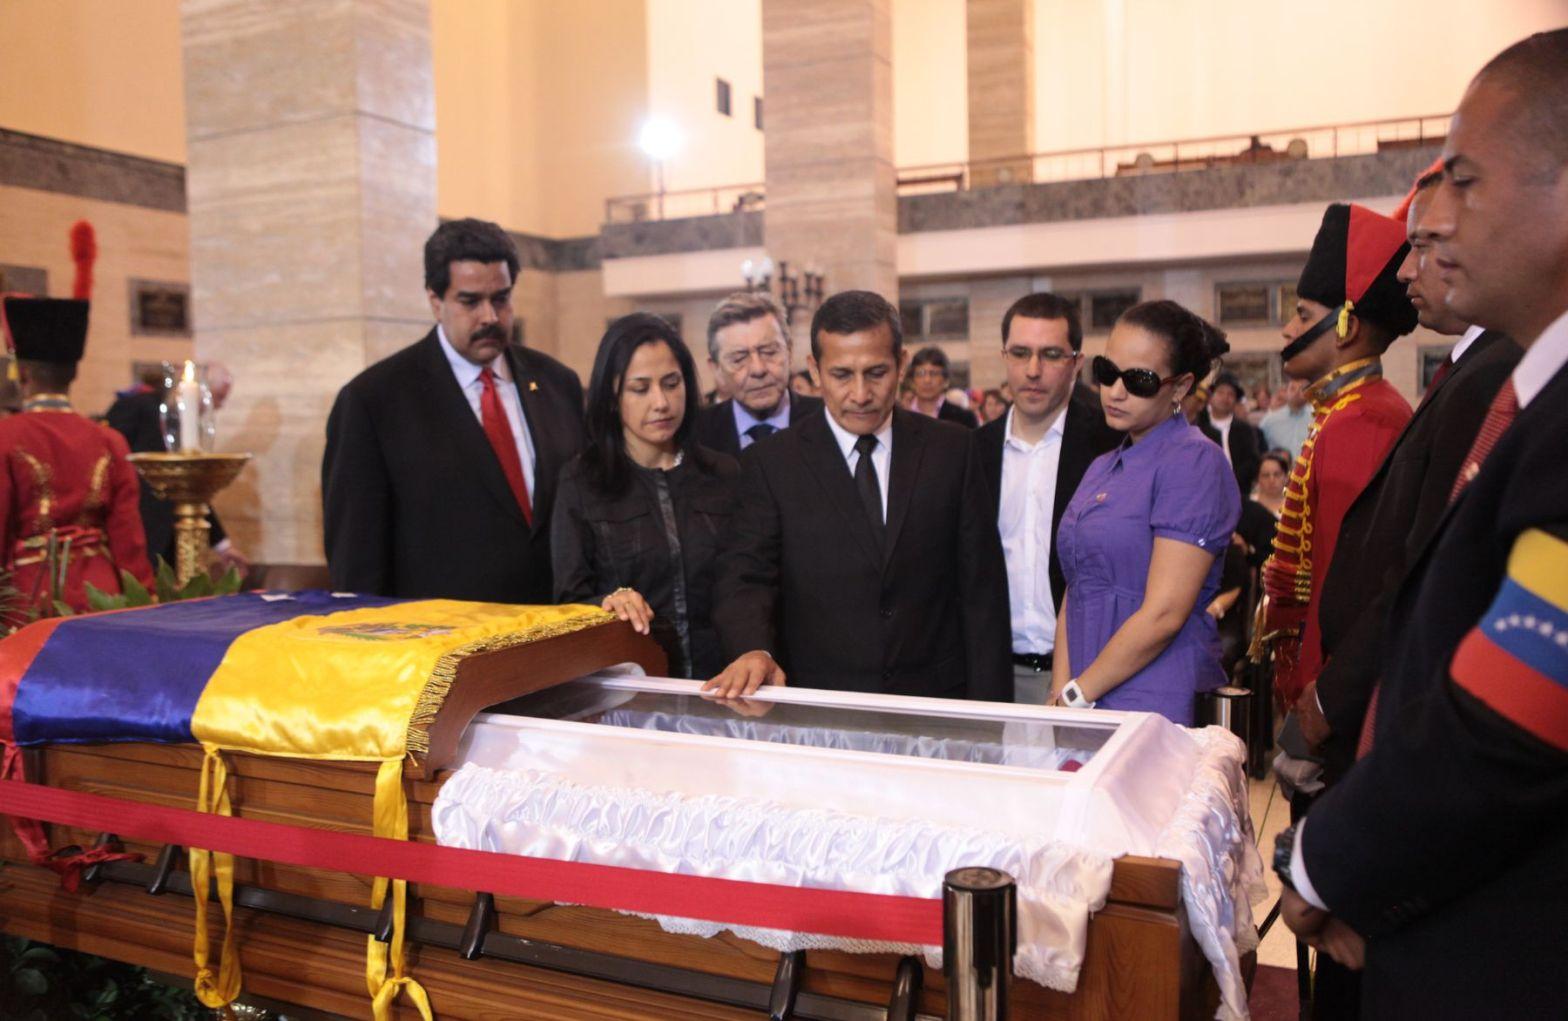 Ollanta Humala y Nadine Heredia ante el féretro de Hugo Chávez